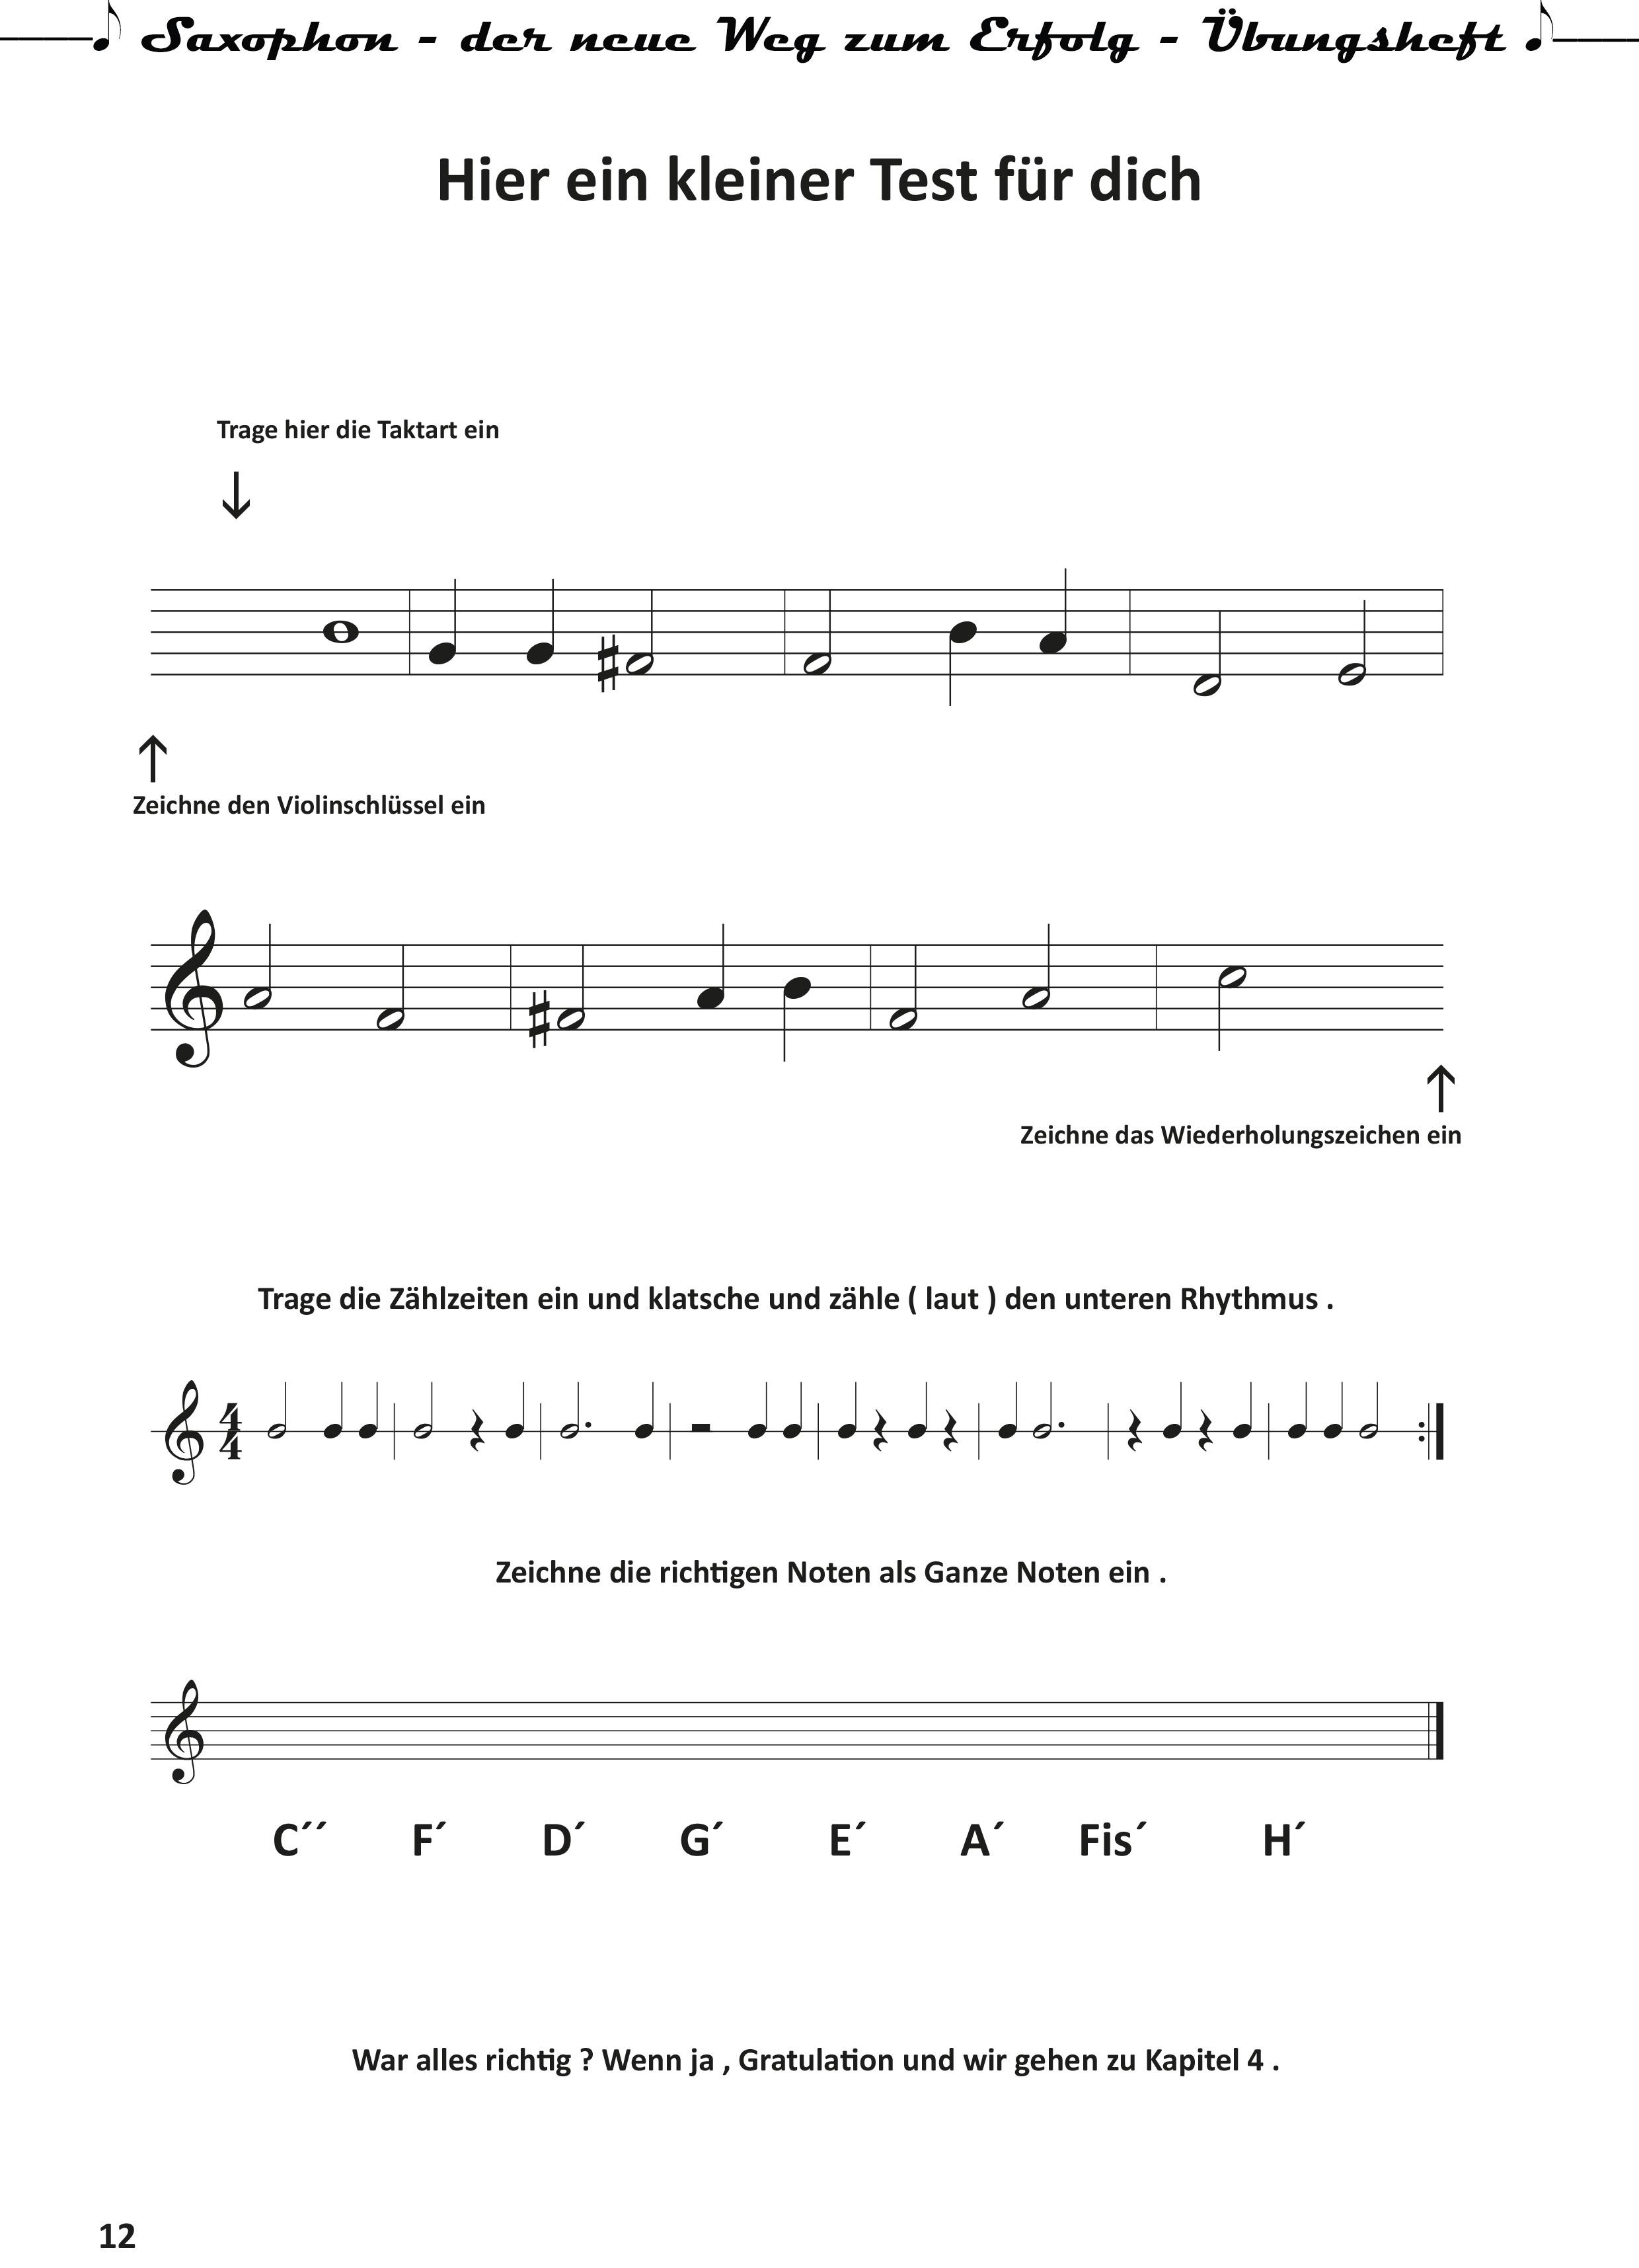 Saxophon-der neue Weg zum Erfolg- Uebungsheft-12